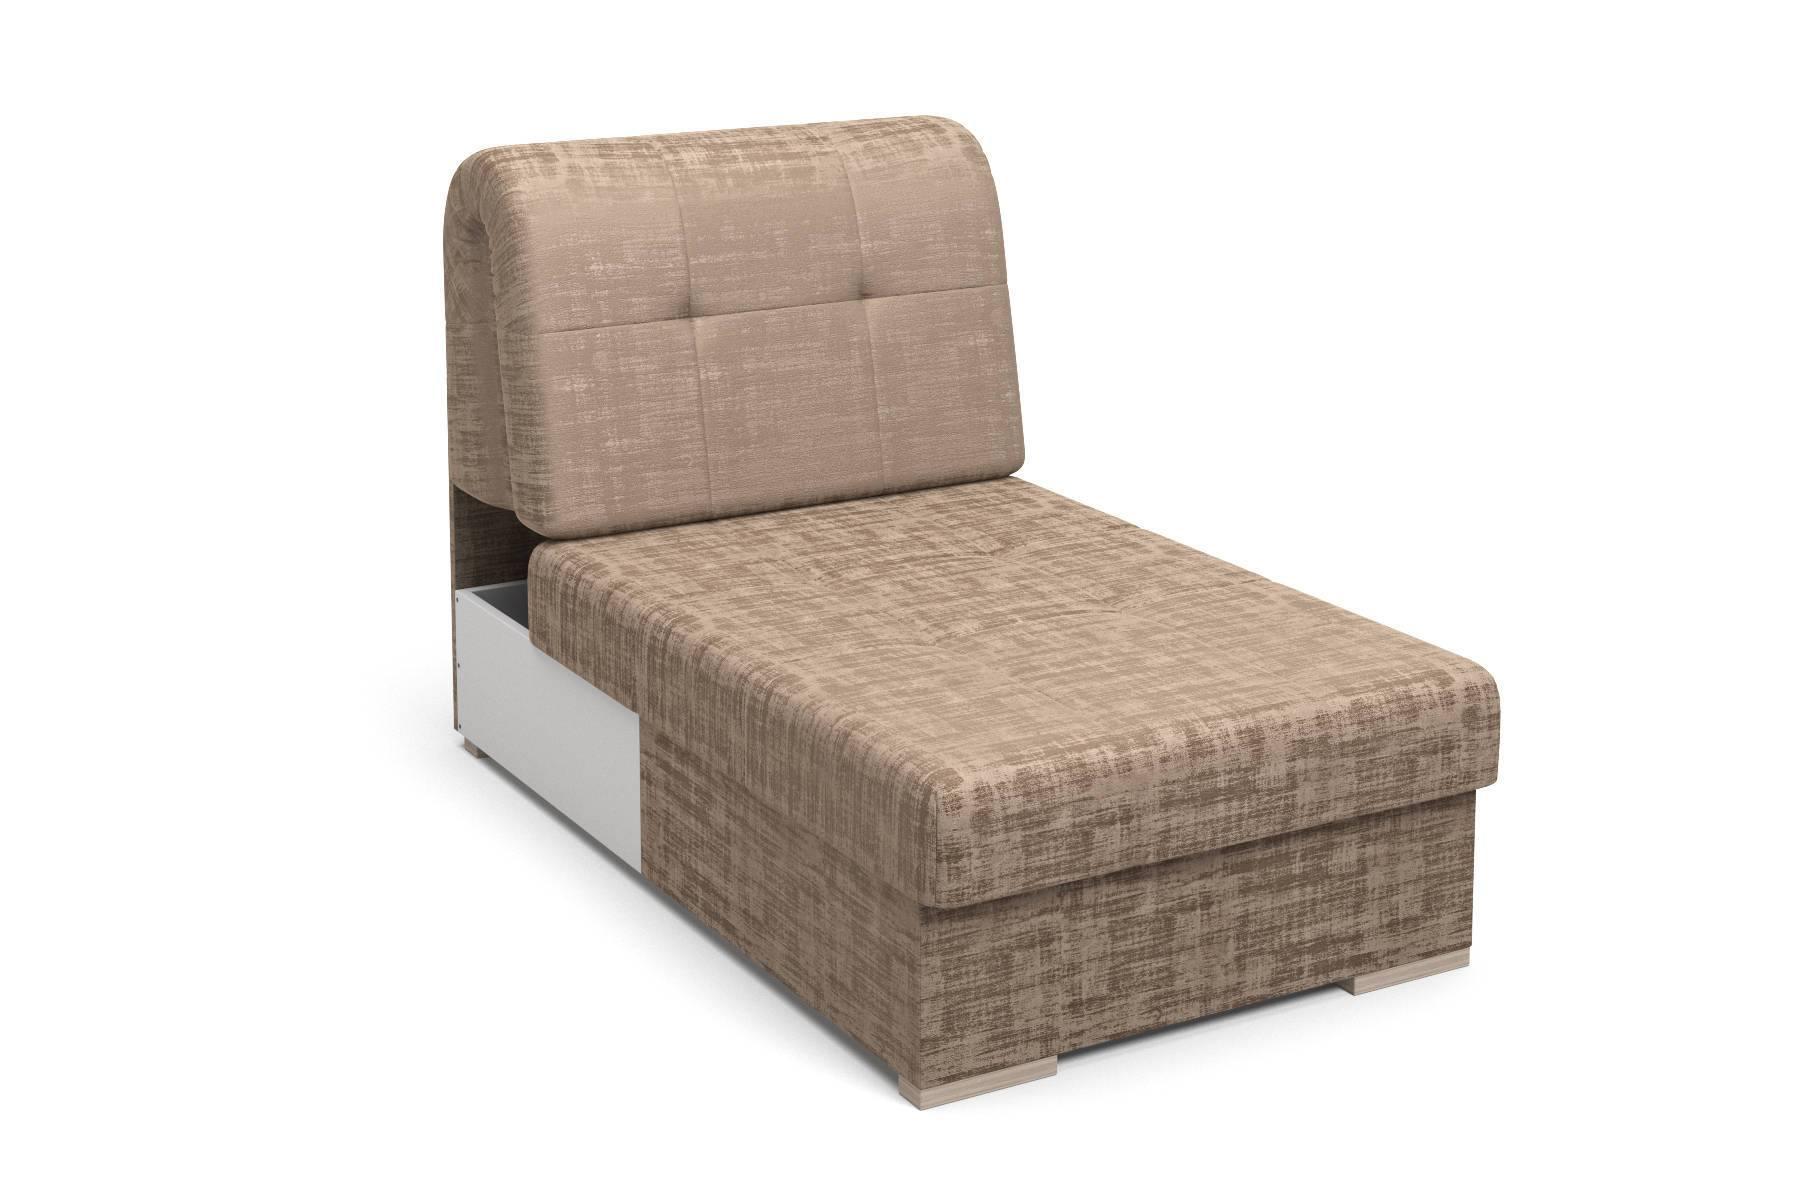 купить Оттоманка для модульного дивана Ибица дешево